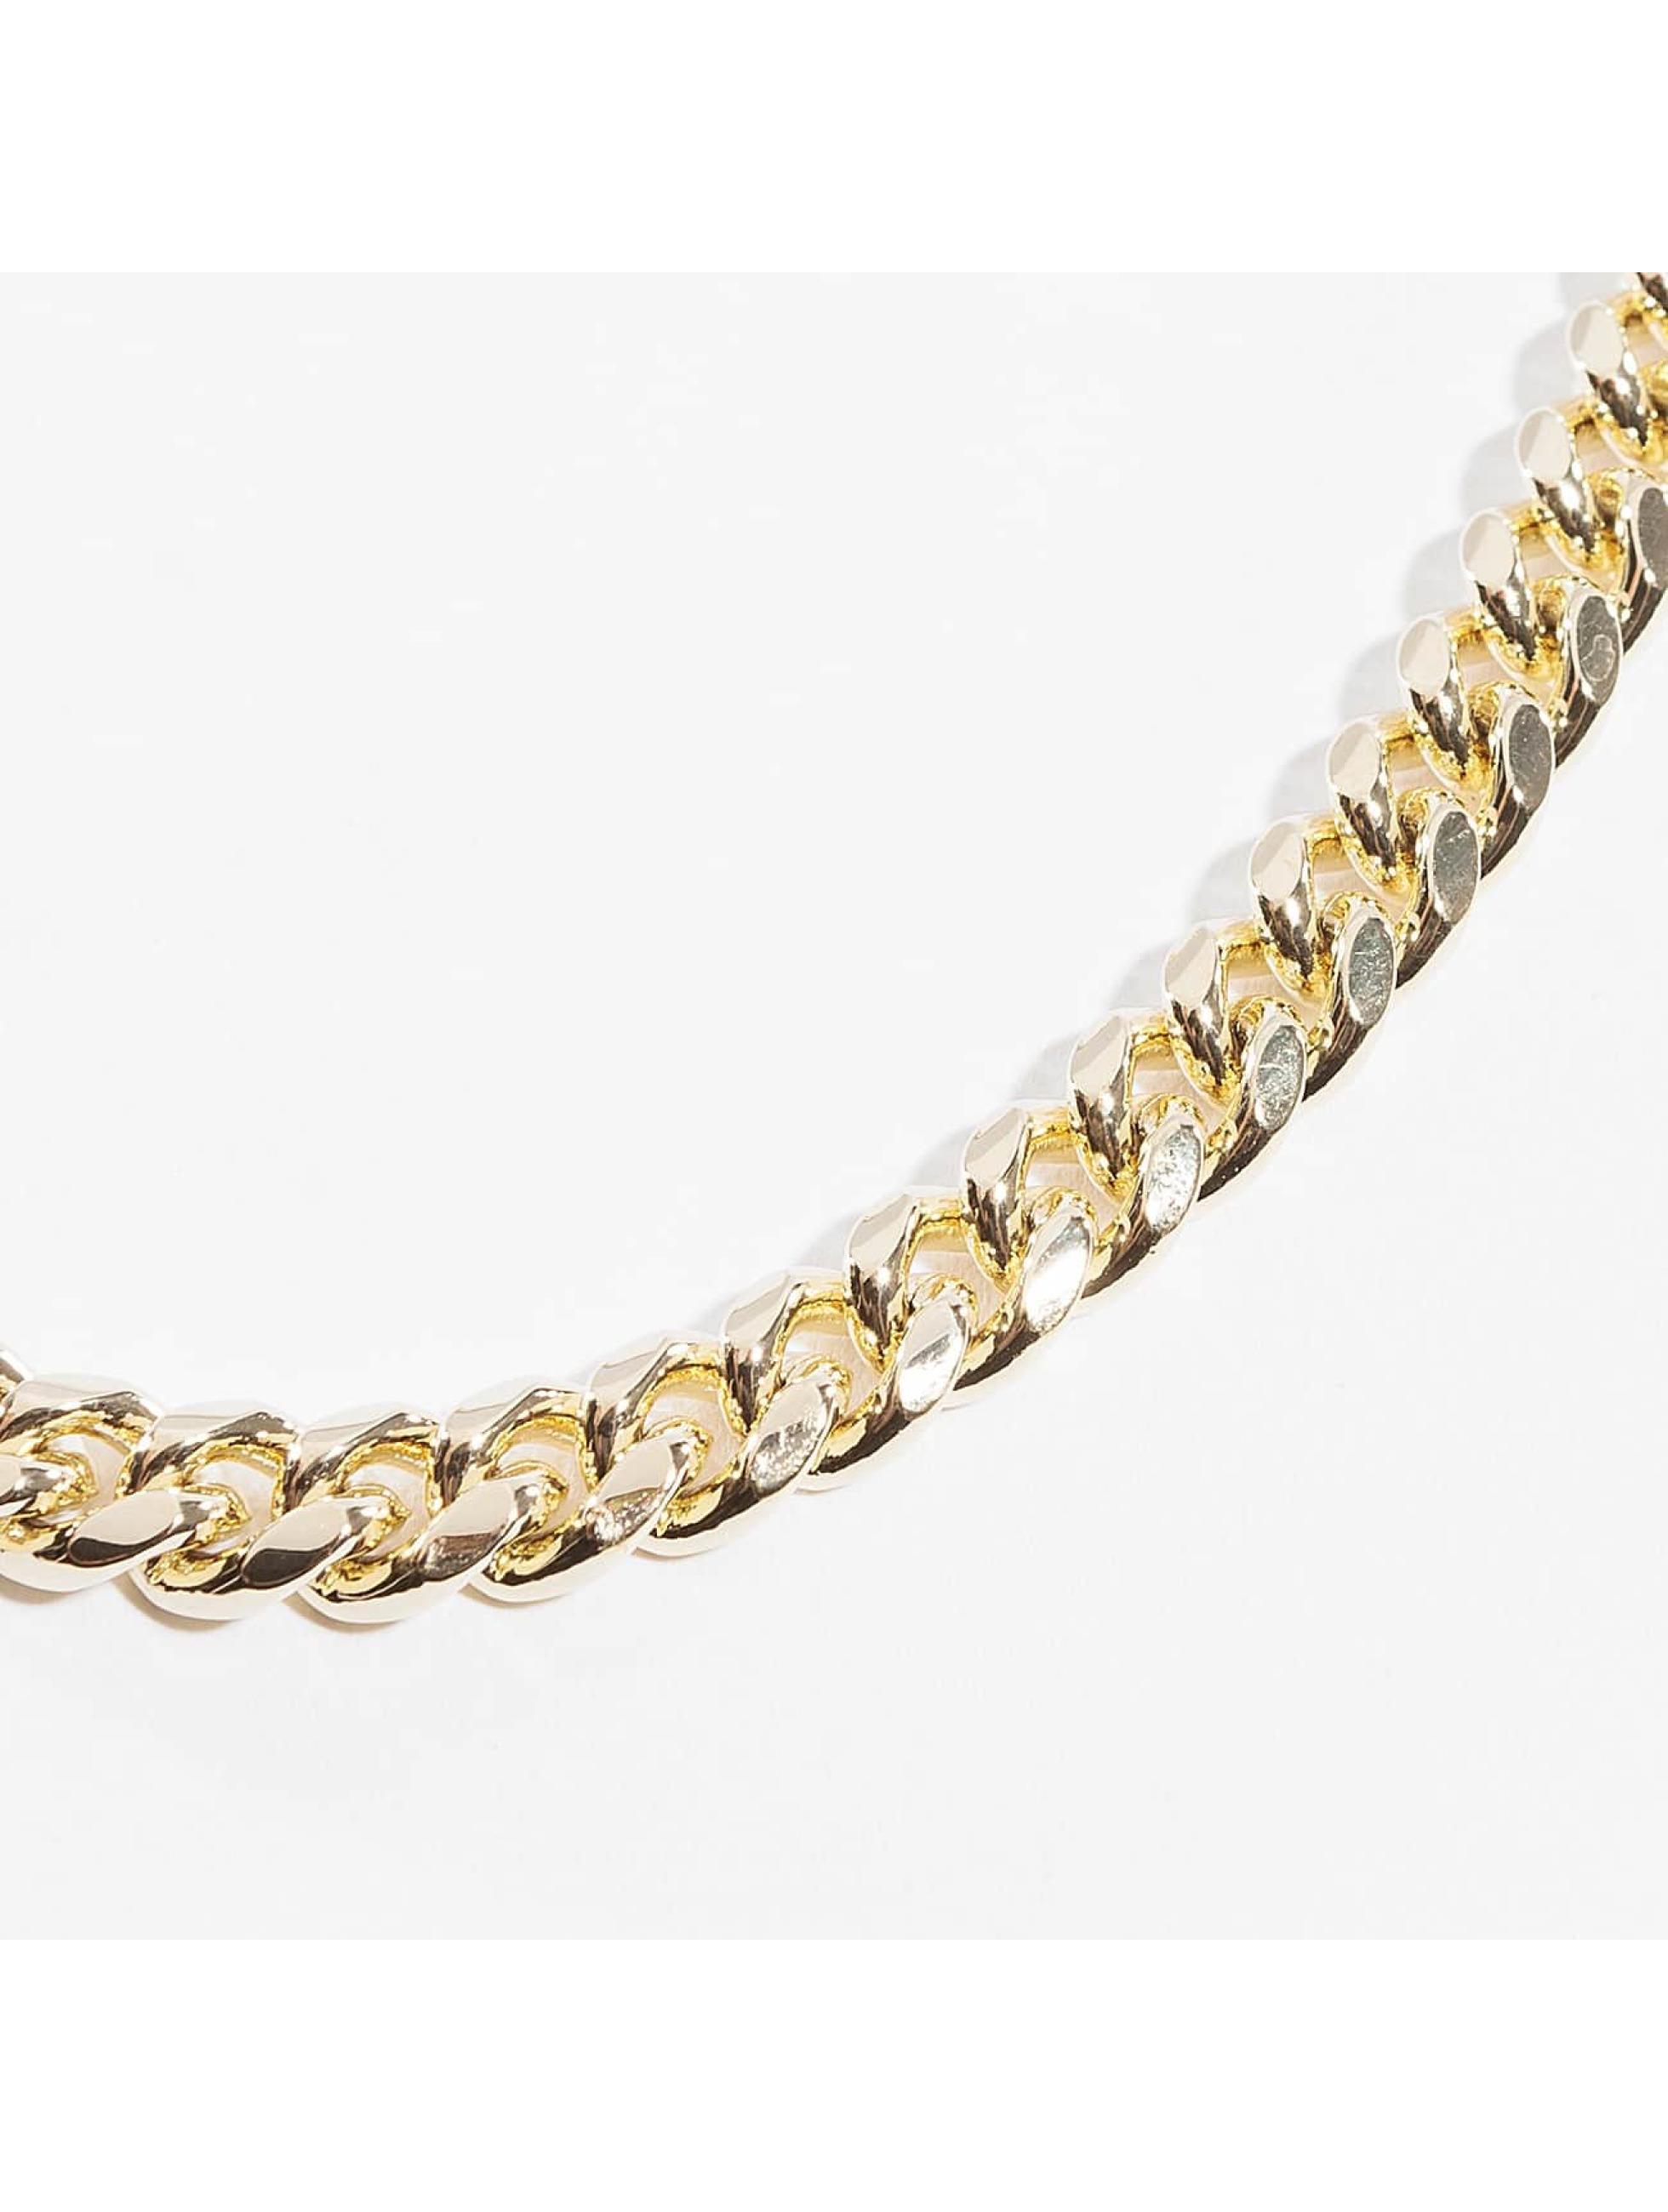 KING ICE Łańcuchy Miami Cuban Curb Chains zloty